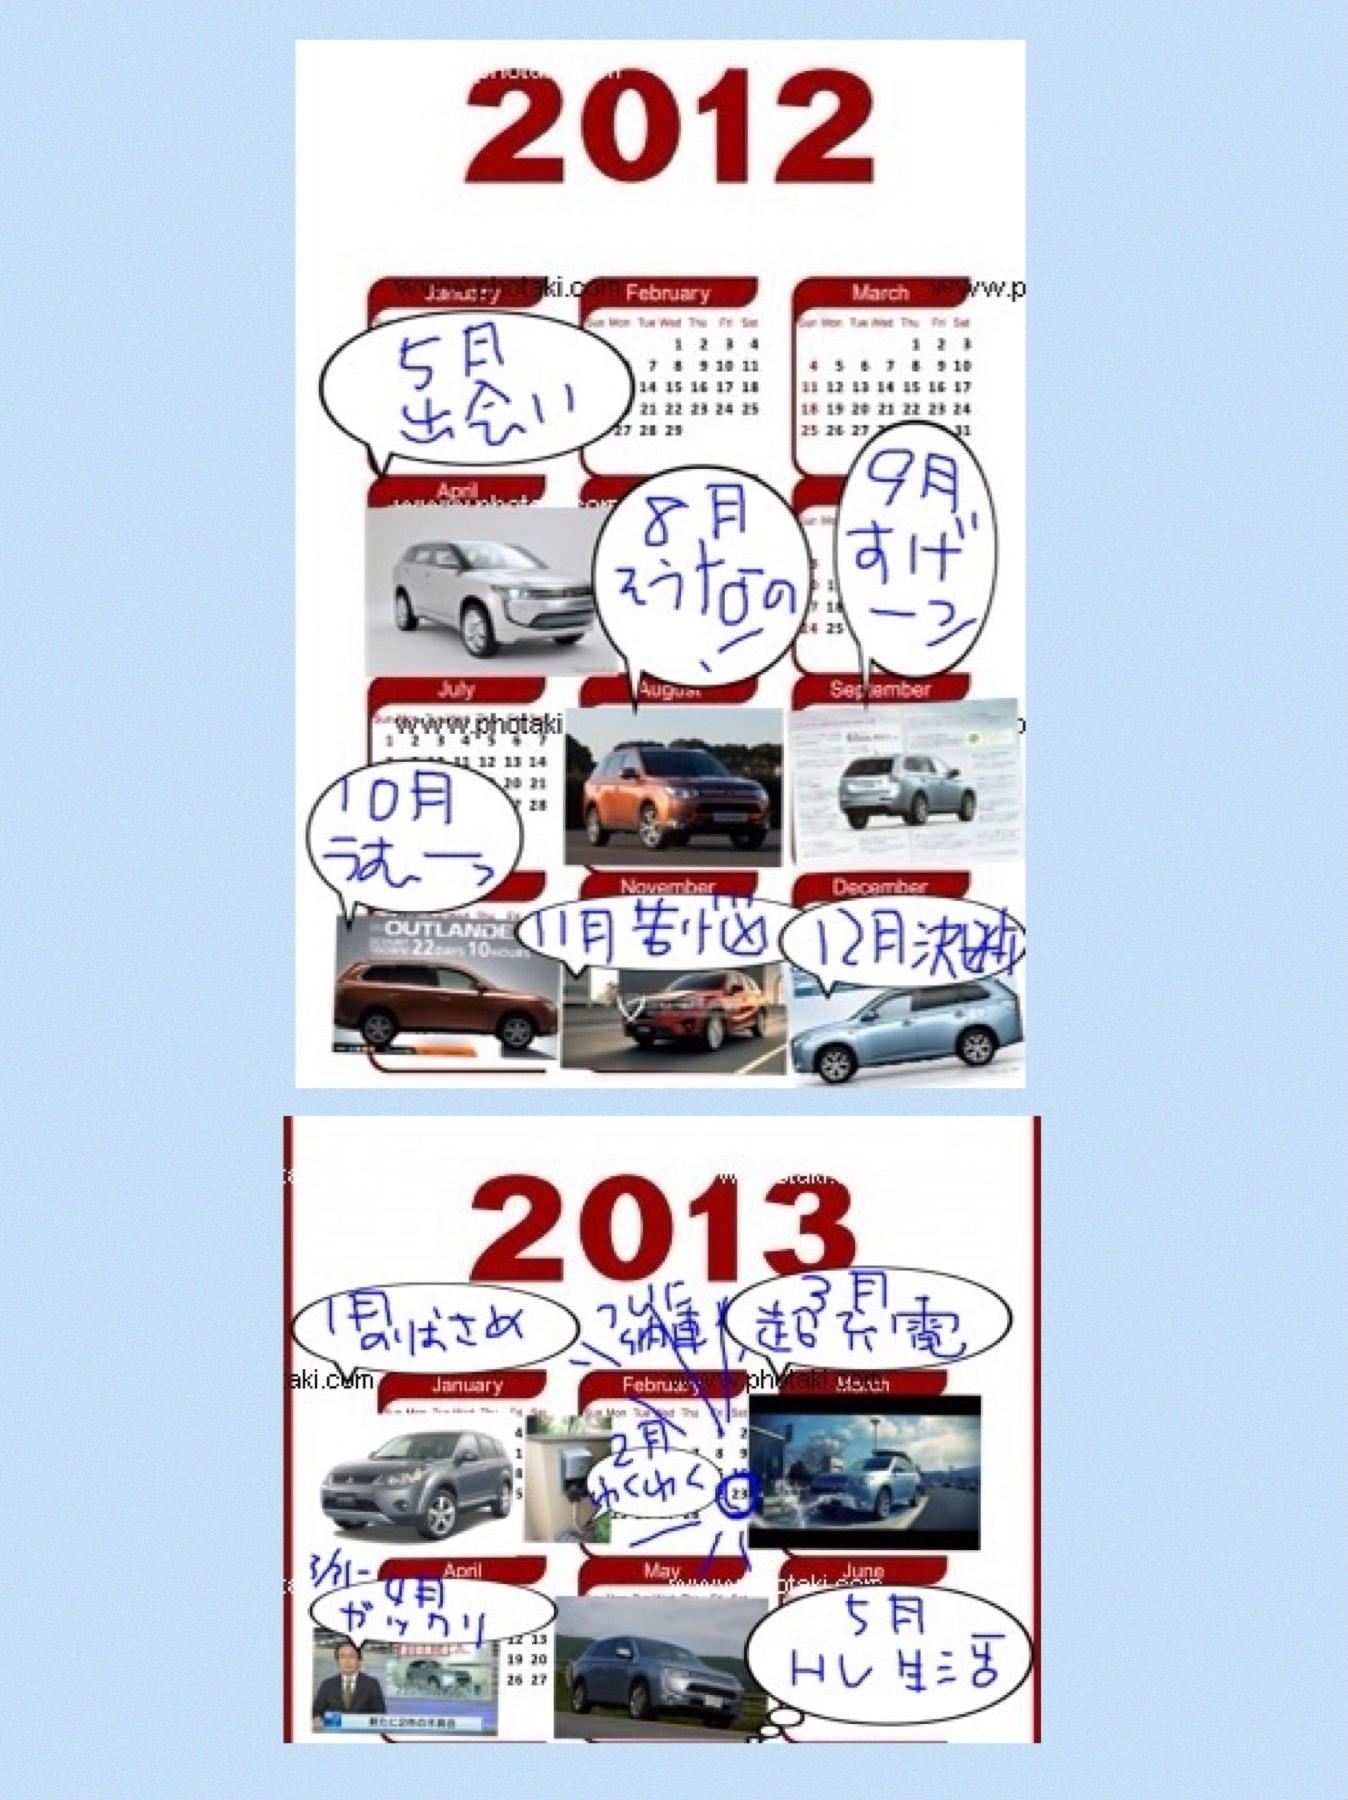 愛車アウトランダーPHEV初期型7年間の思い出 2012〜2013